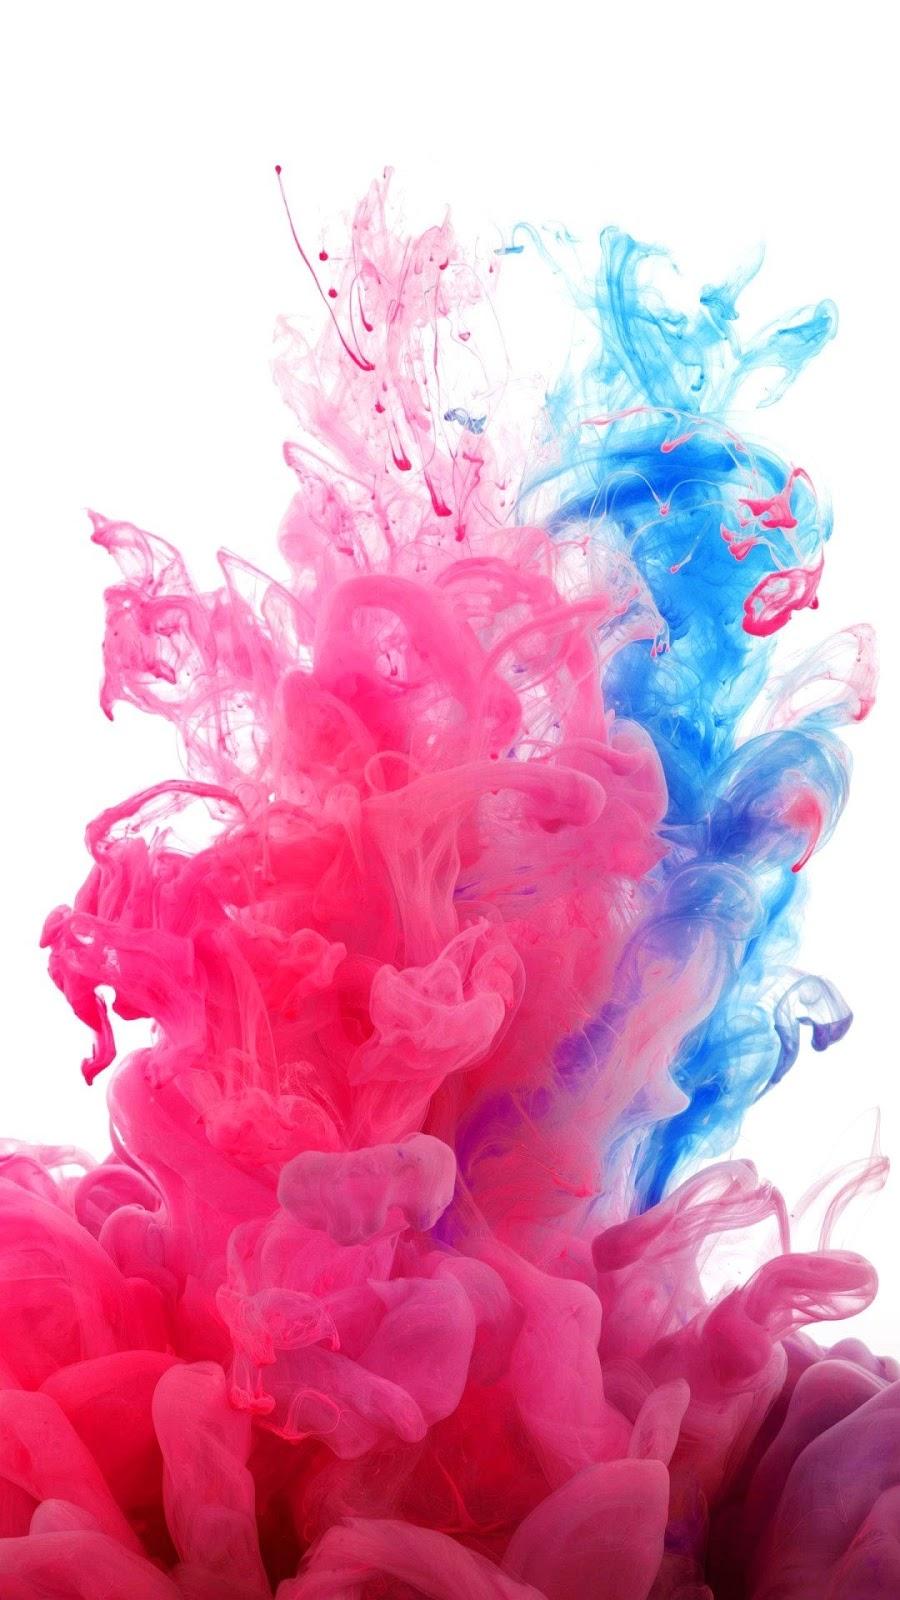 Splash IPhone 7 Plus Wallpaper